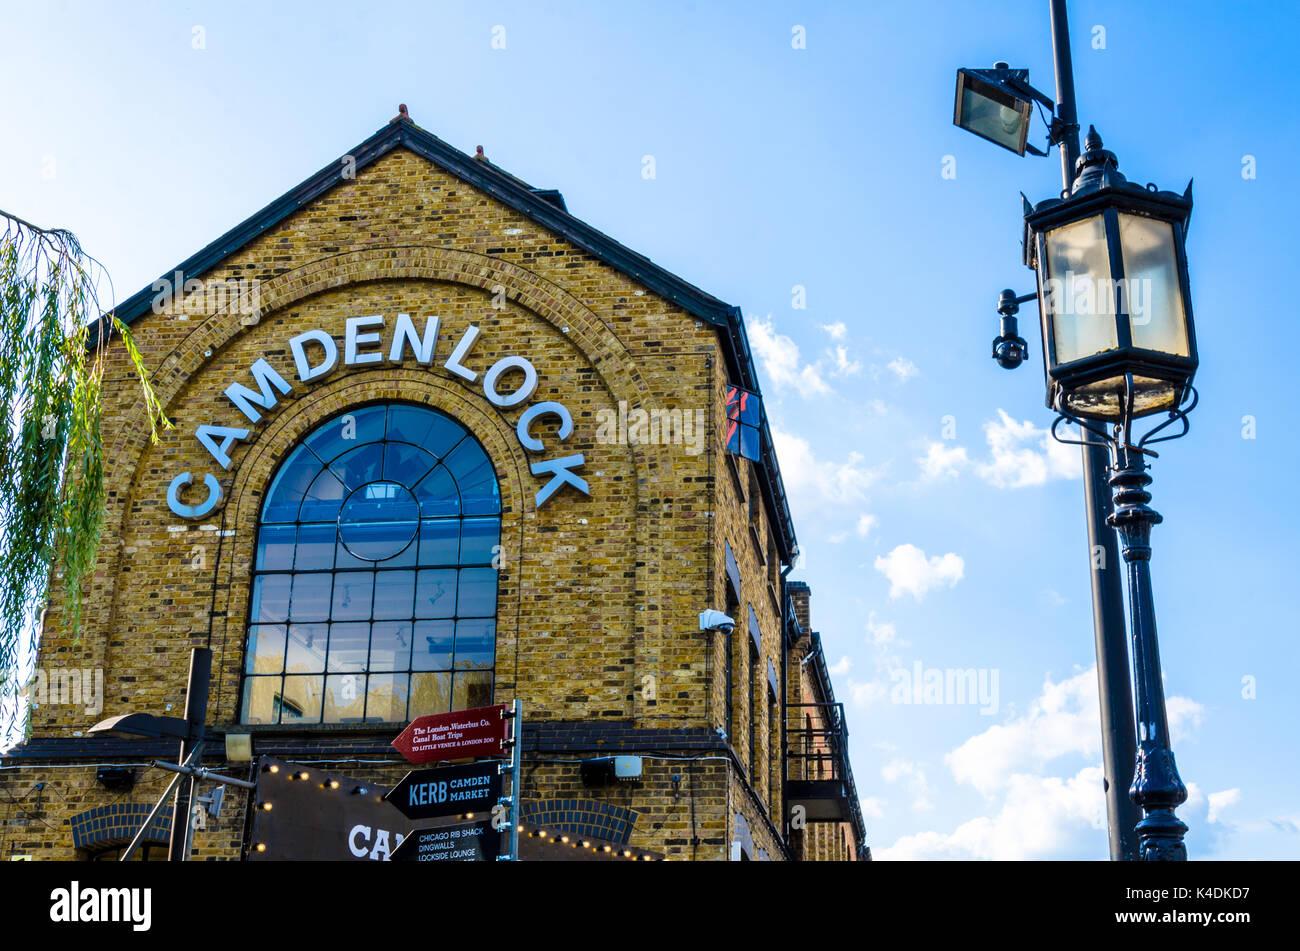 camden-lock-is-part-of-camden-market-in-london-uk-K4DKD7.jpg